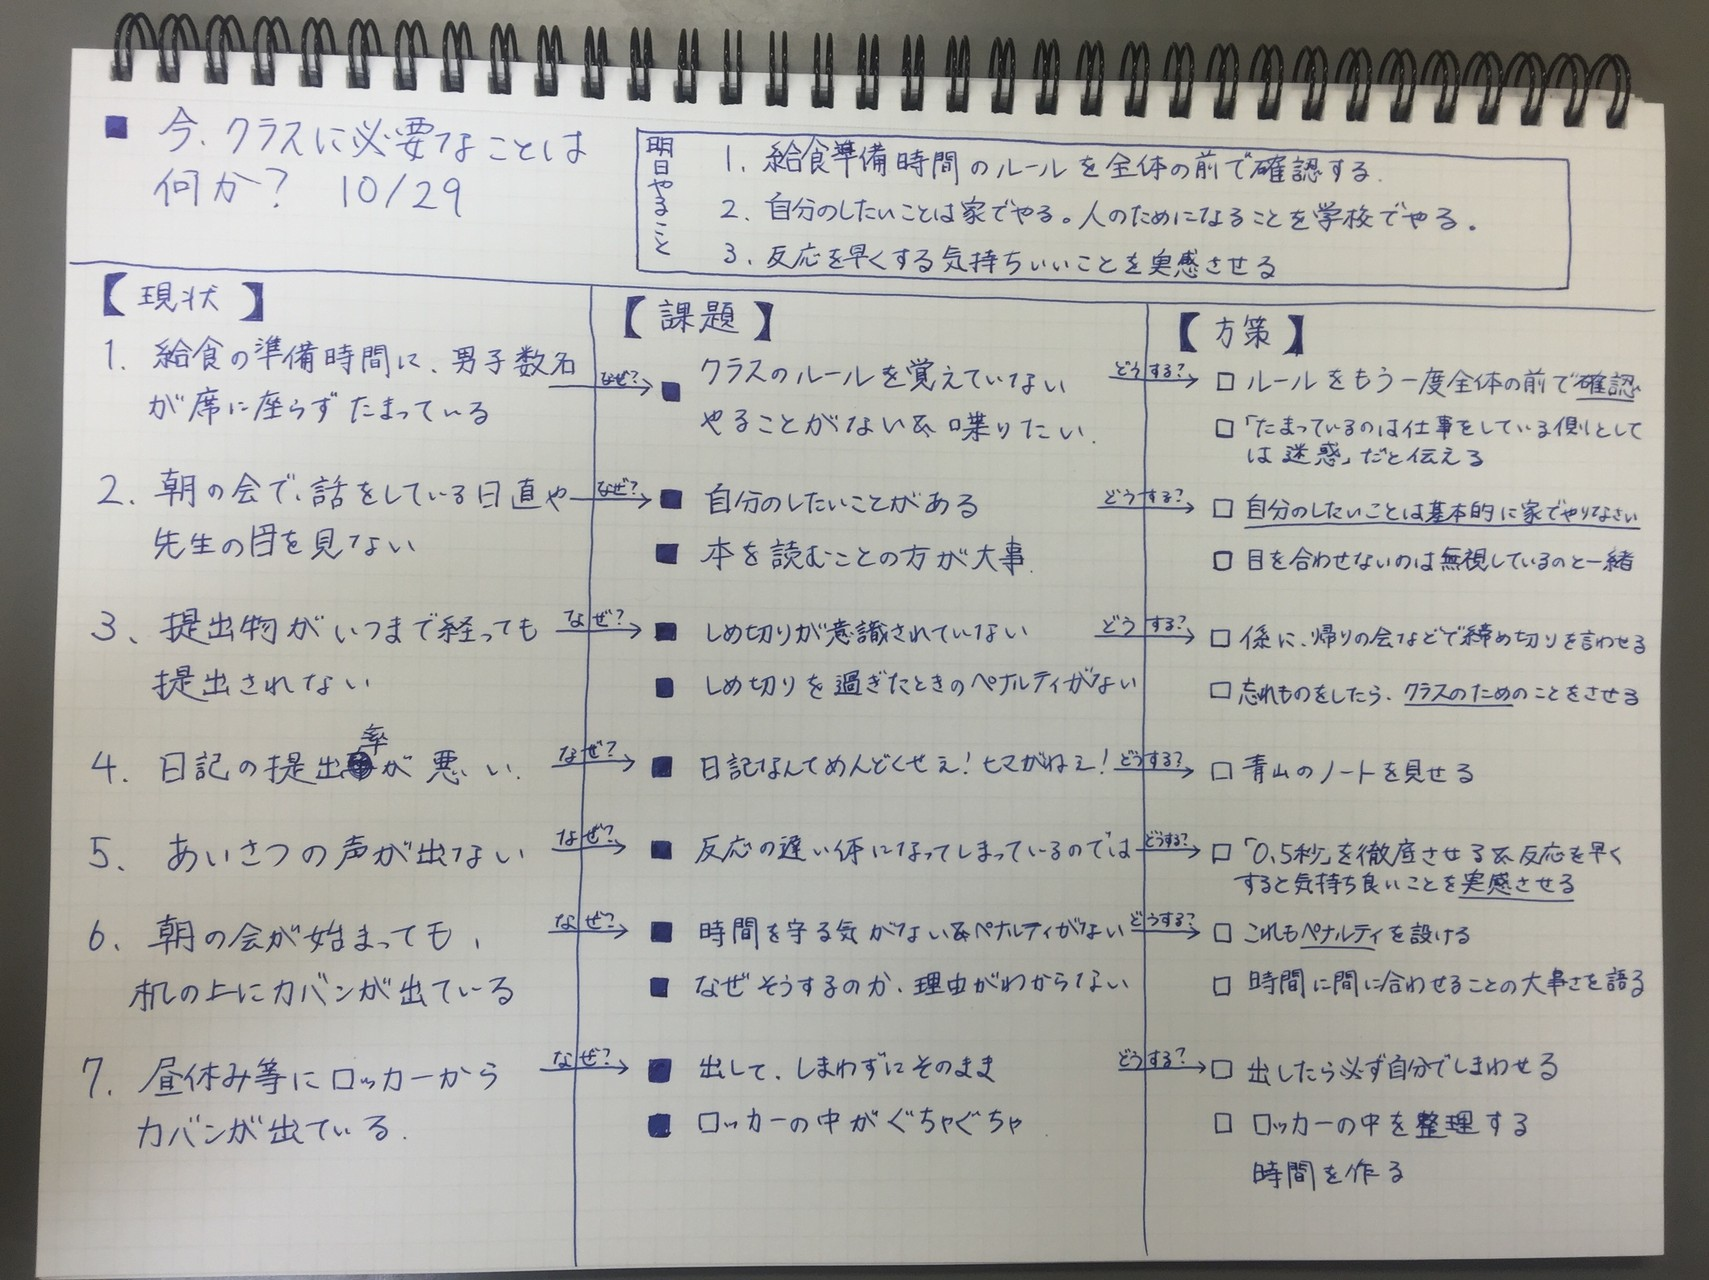 クラスの課題分析ノート1